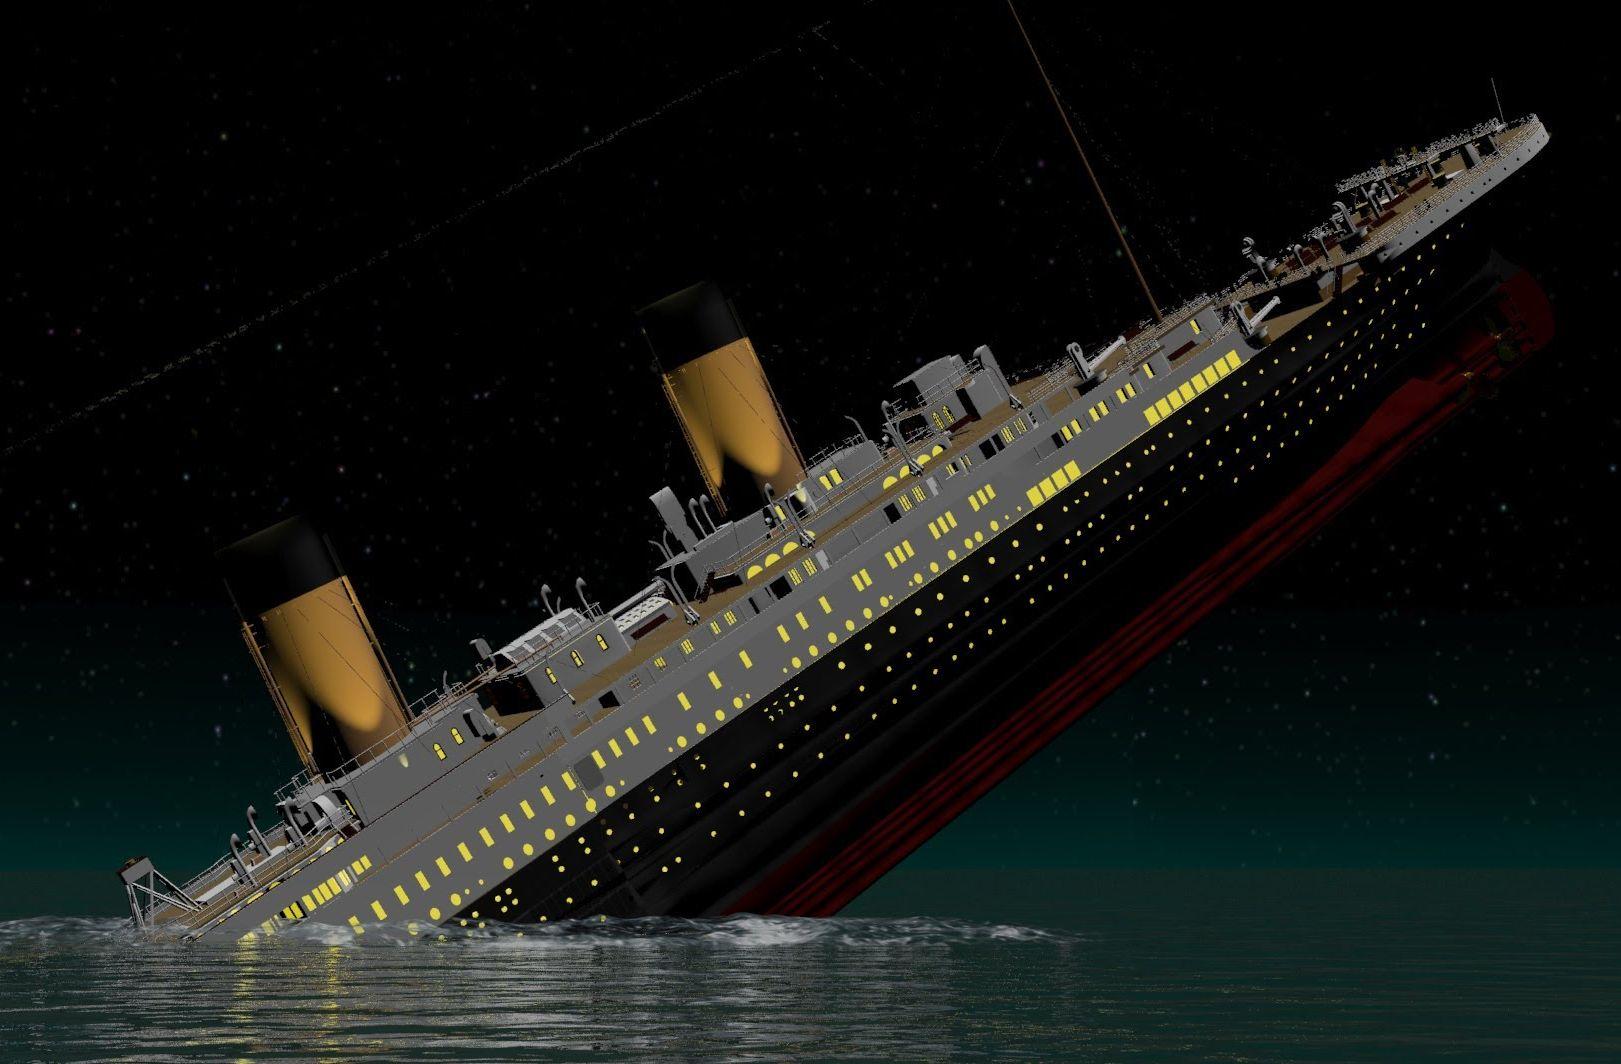 ¿La Tragedia del Titanic es una Profecía de los Últimos Tiempos?